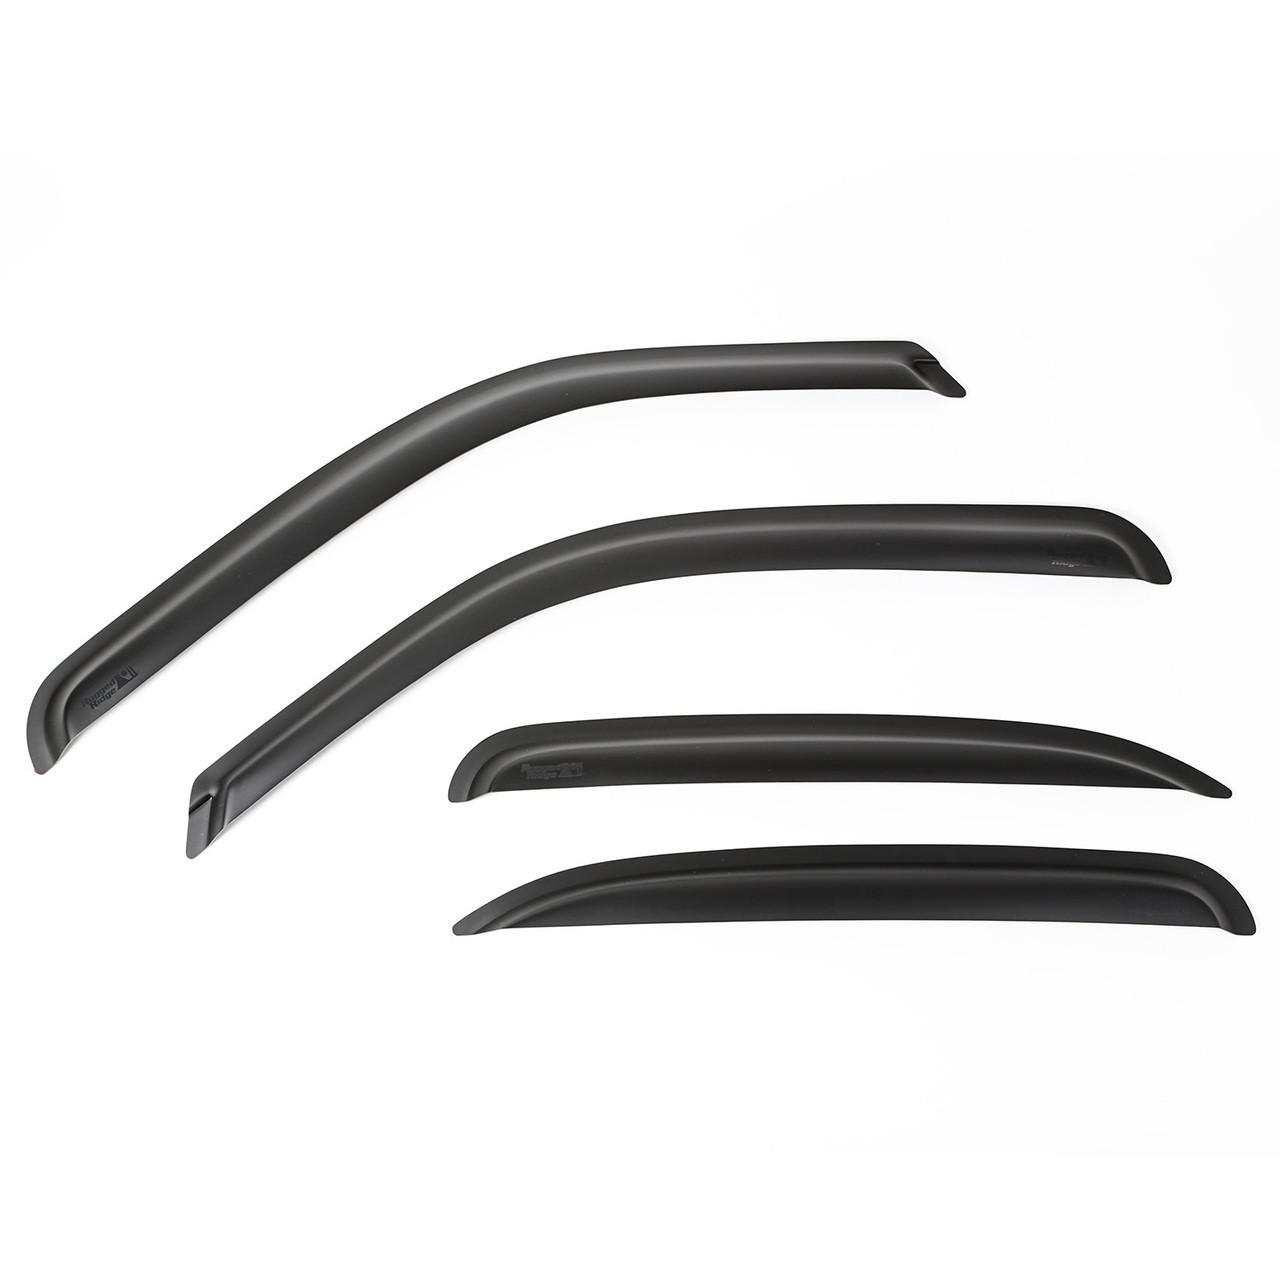 Rugged Ridge 81349.52 Matte Black Window Visor Kit for Chevrolet//GMC Pickup /& SUV